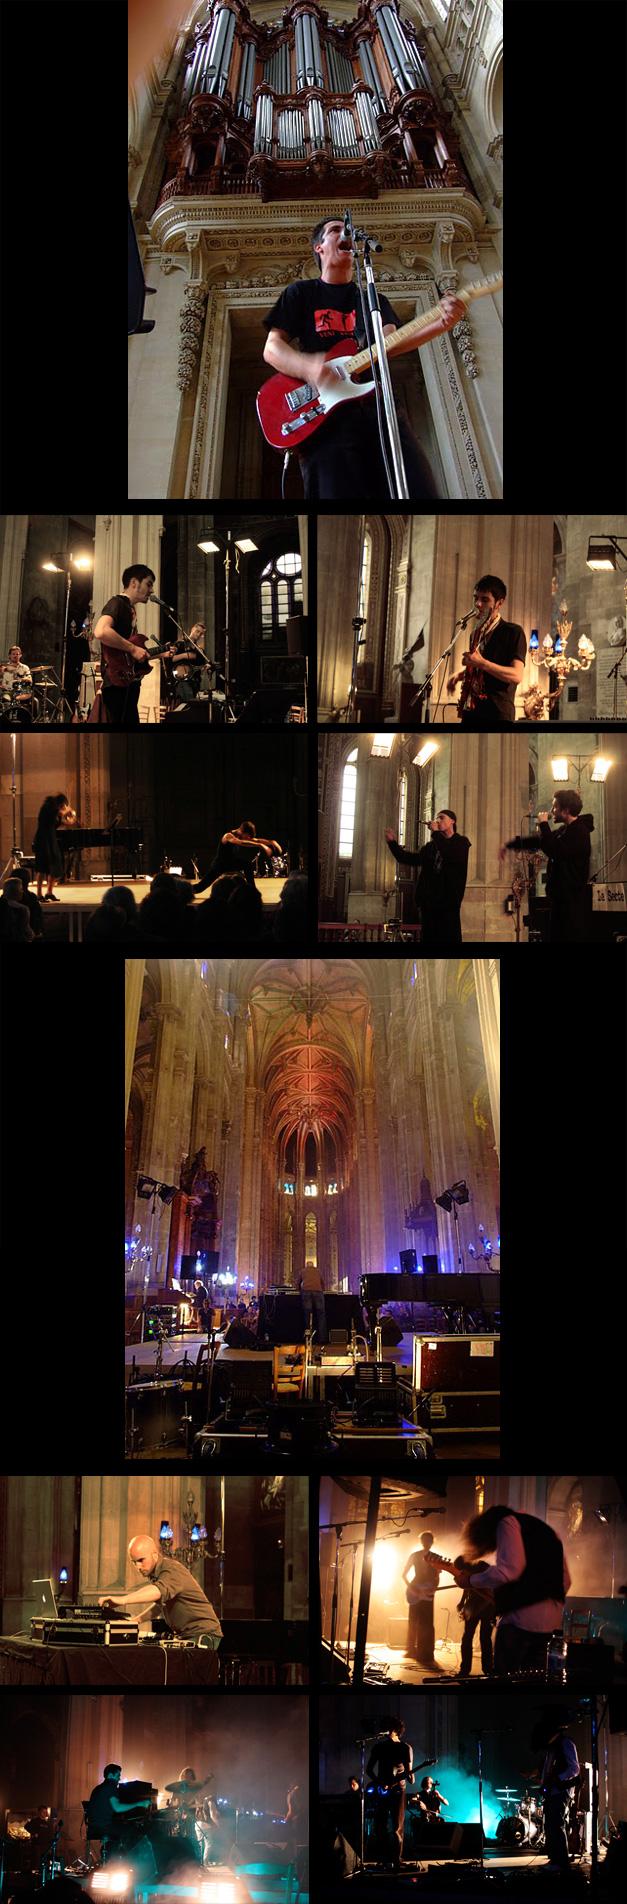 Porfolio da-conceicao.com : festival des 36 heures de Saint-Eustache 2009